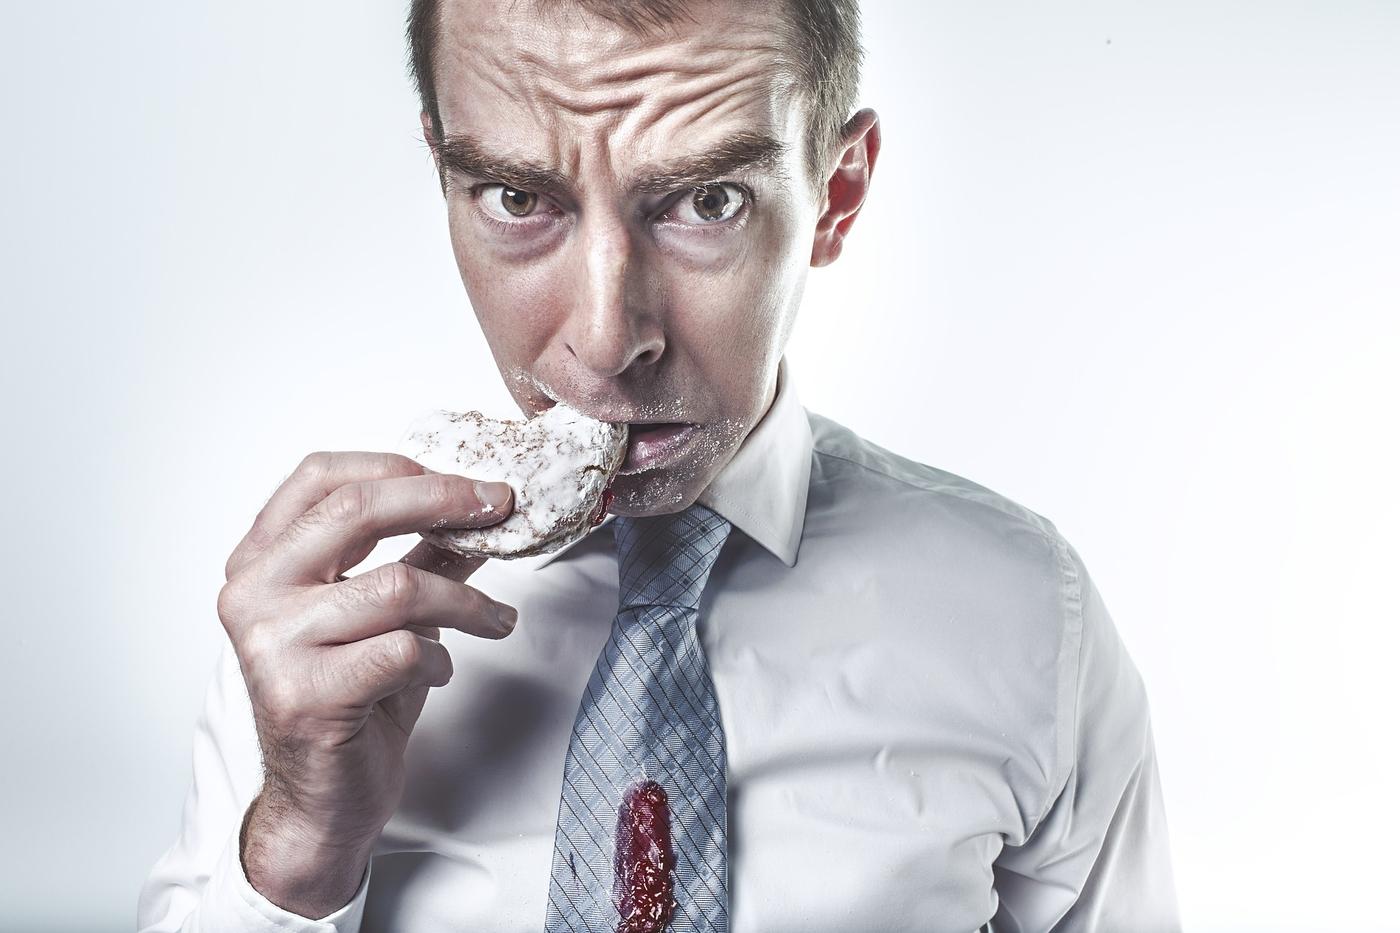 Missä kohtaa syömisestä tuli niin vaikeaa? 4 varmaa tapaa sotkea oma syöminen.